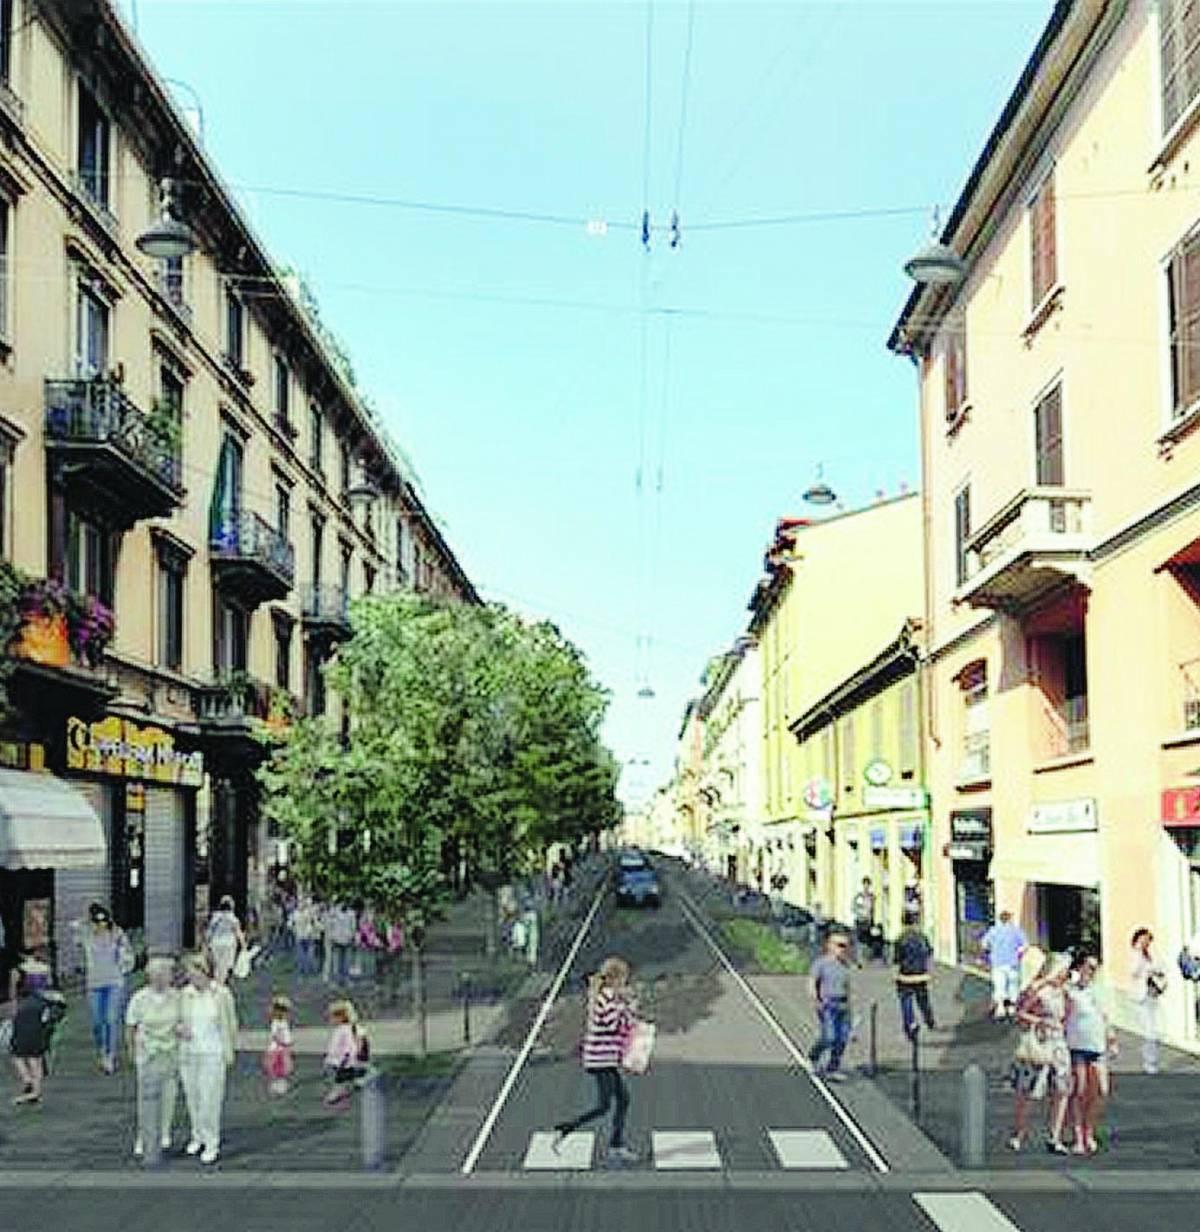 Il sindaco accelera: «Via Sarpi pedonale entro gennaio 2011»